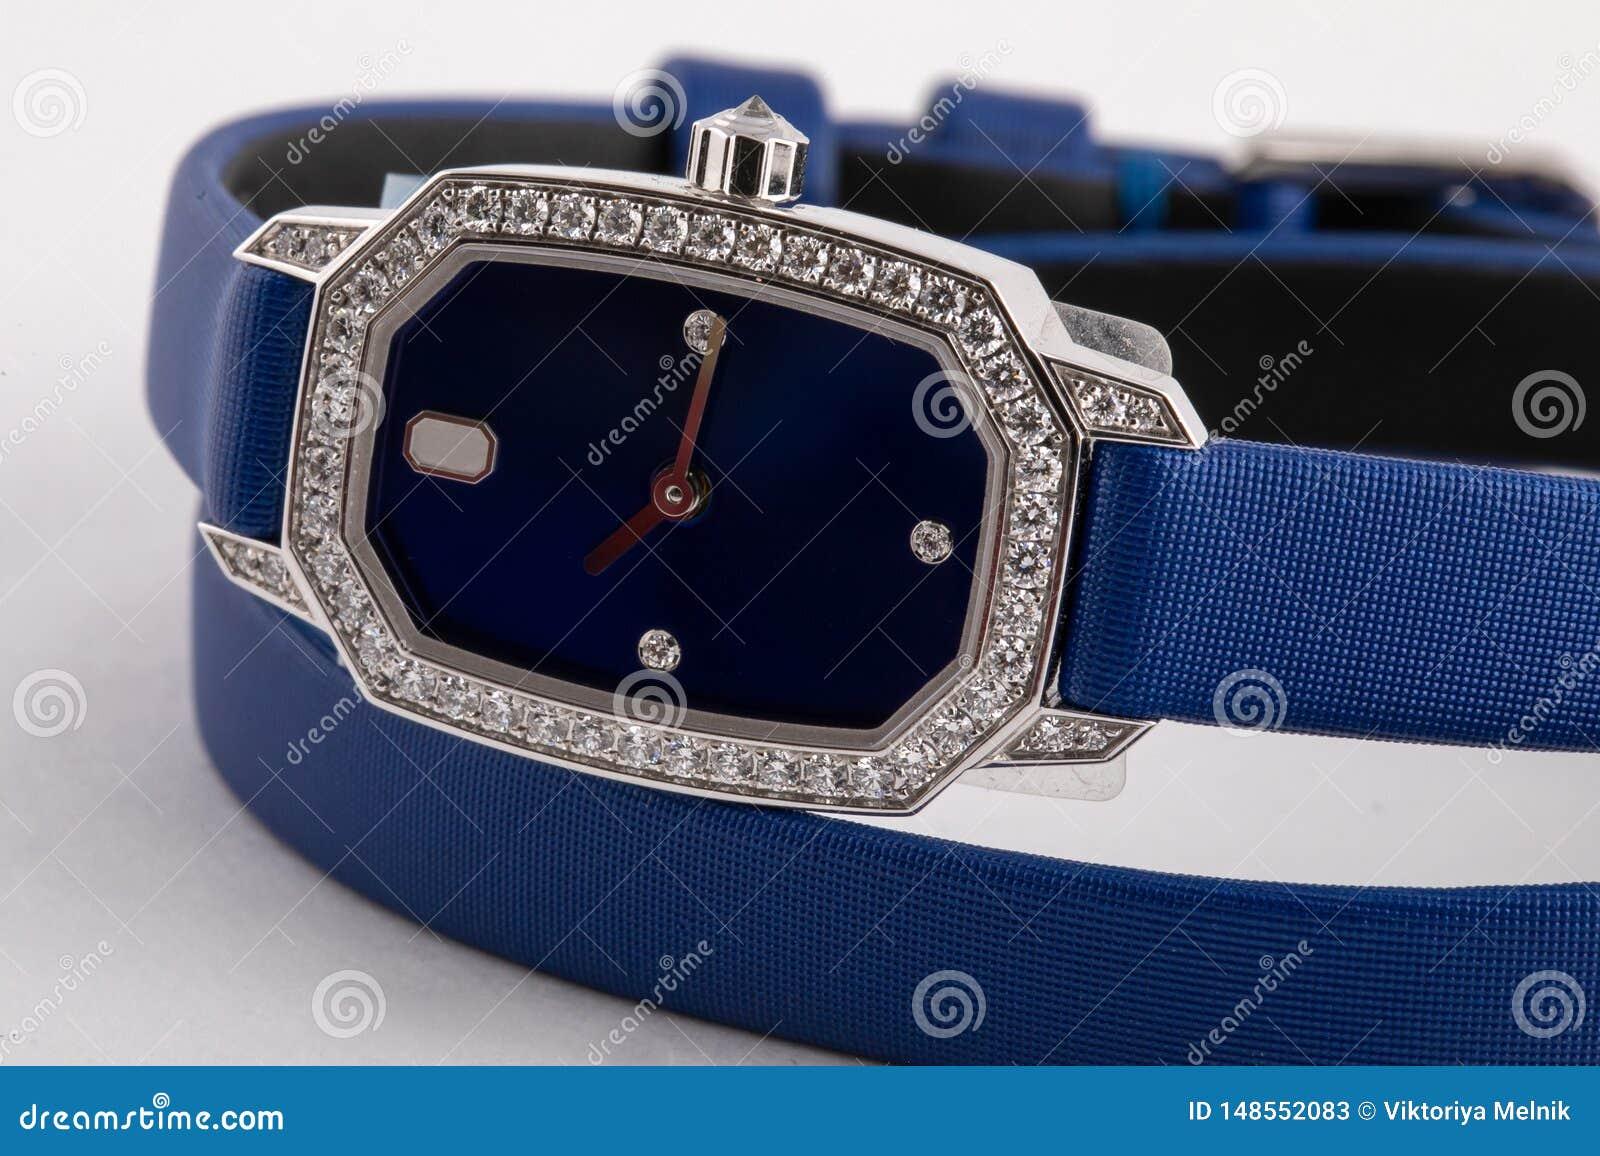 有顺时针方向一个蓝色拨号盘的女性银色手表,棕色,构筑石头,与一条蓝色布料皮带